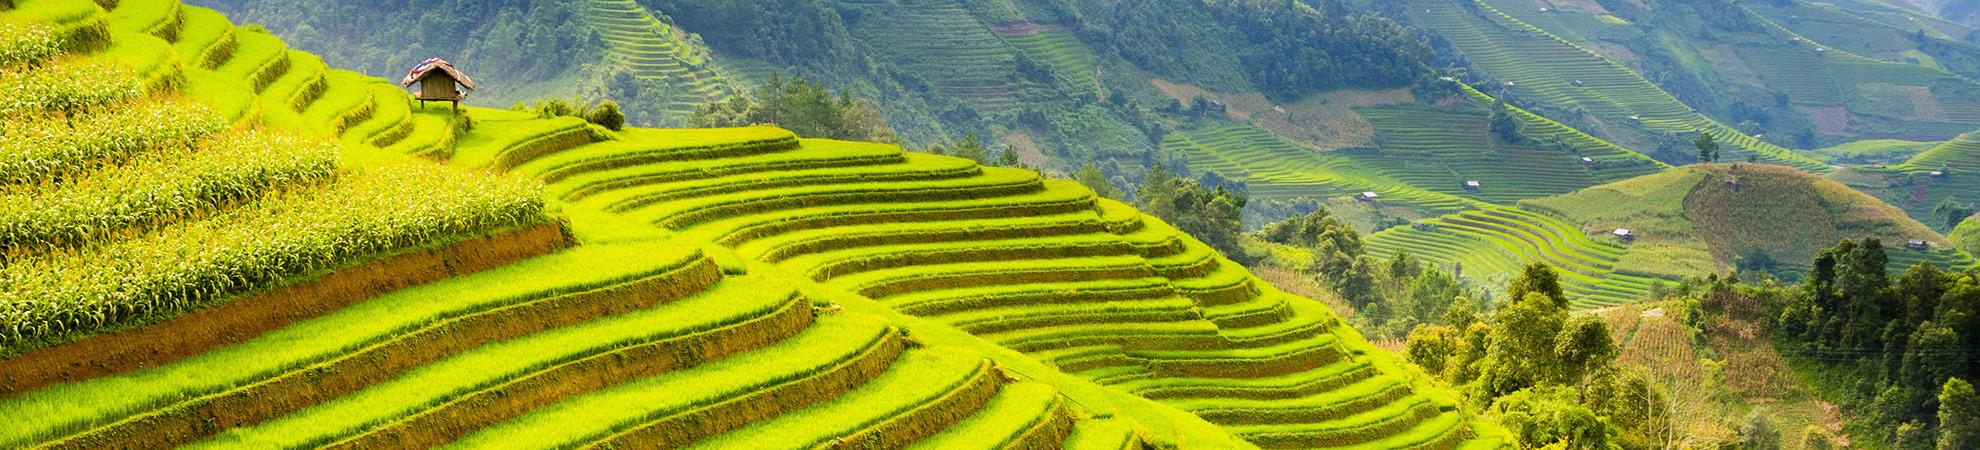 Meilleures saisons pour visiter le Vietnam